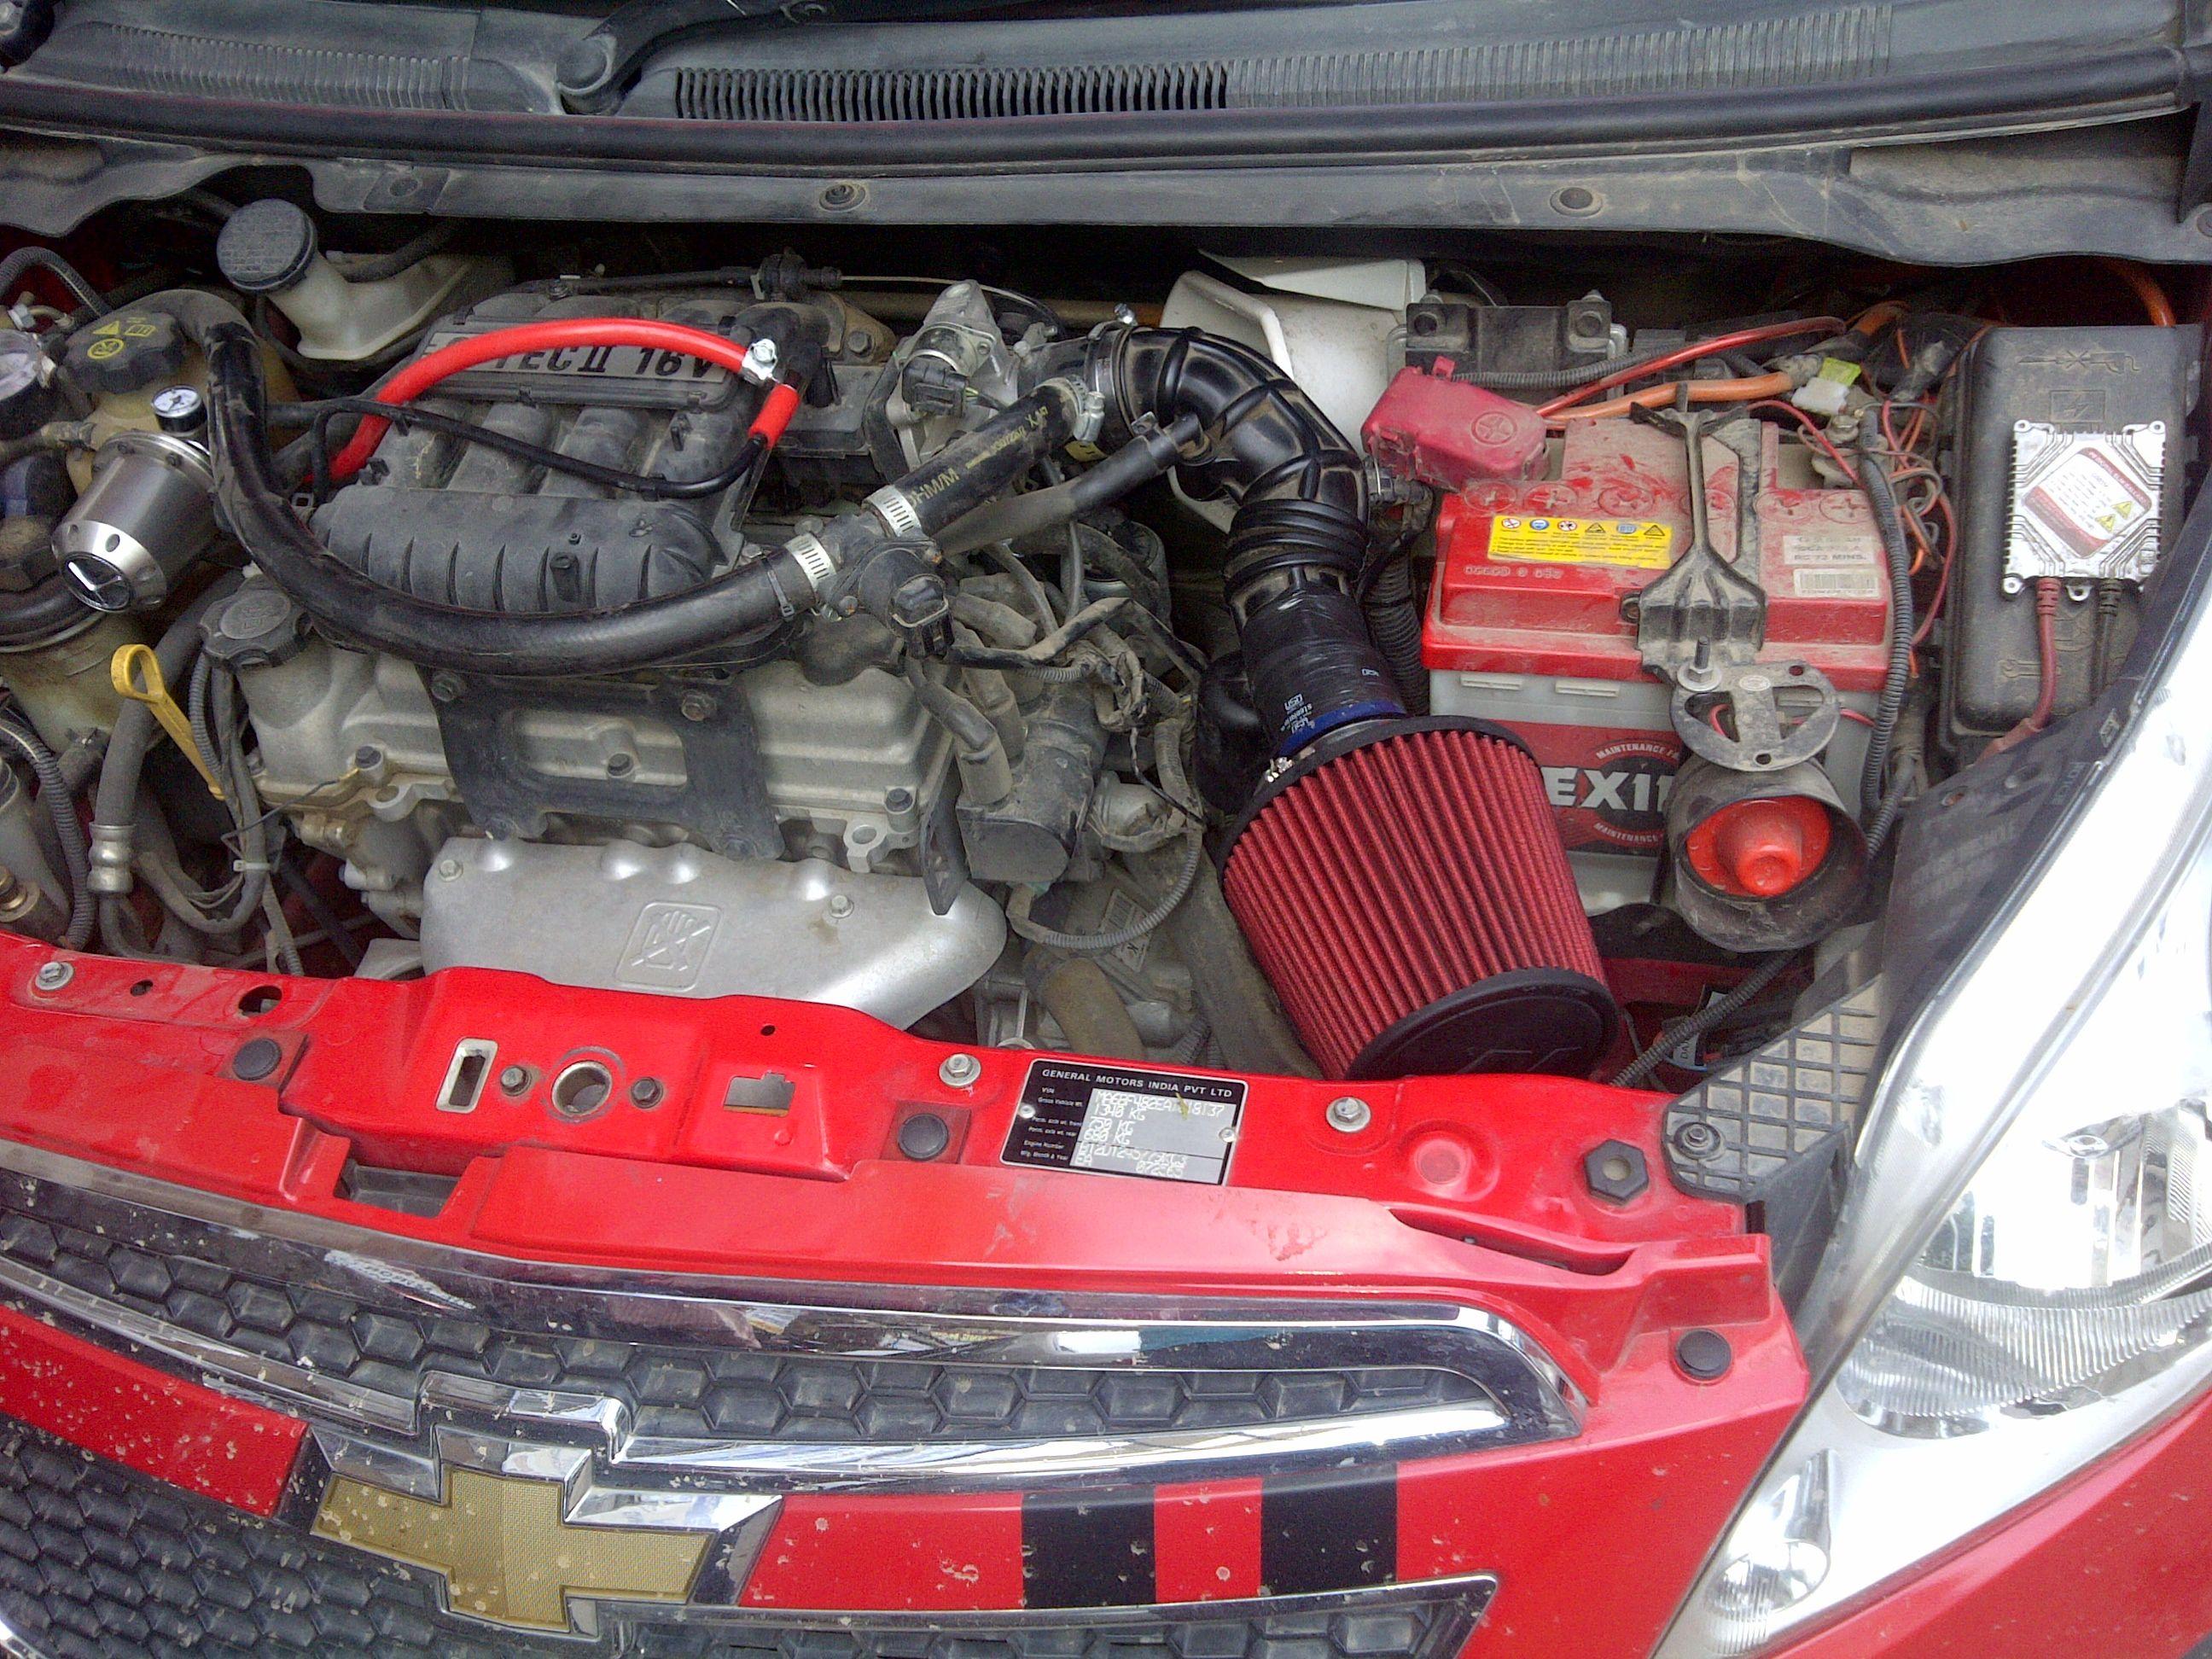 Car Performance Parts India Car Modification Parts Delhi Car Accessories Online Shop Performance Auto Parts Performance Parts Online Shop Accessories